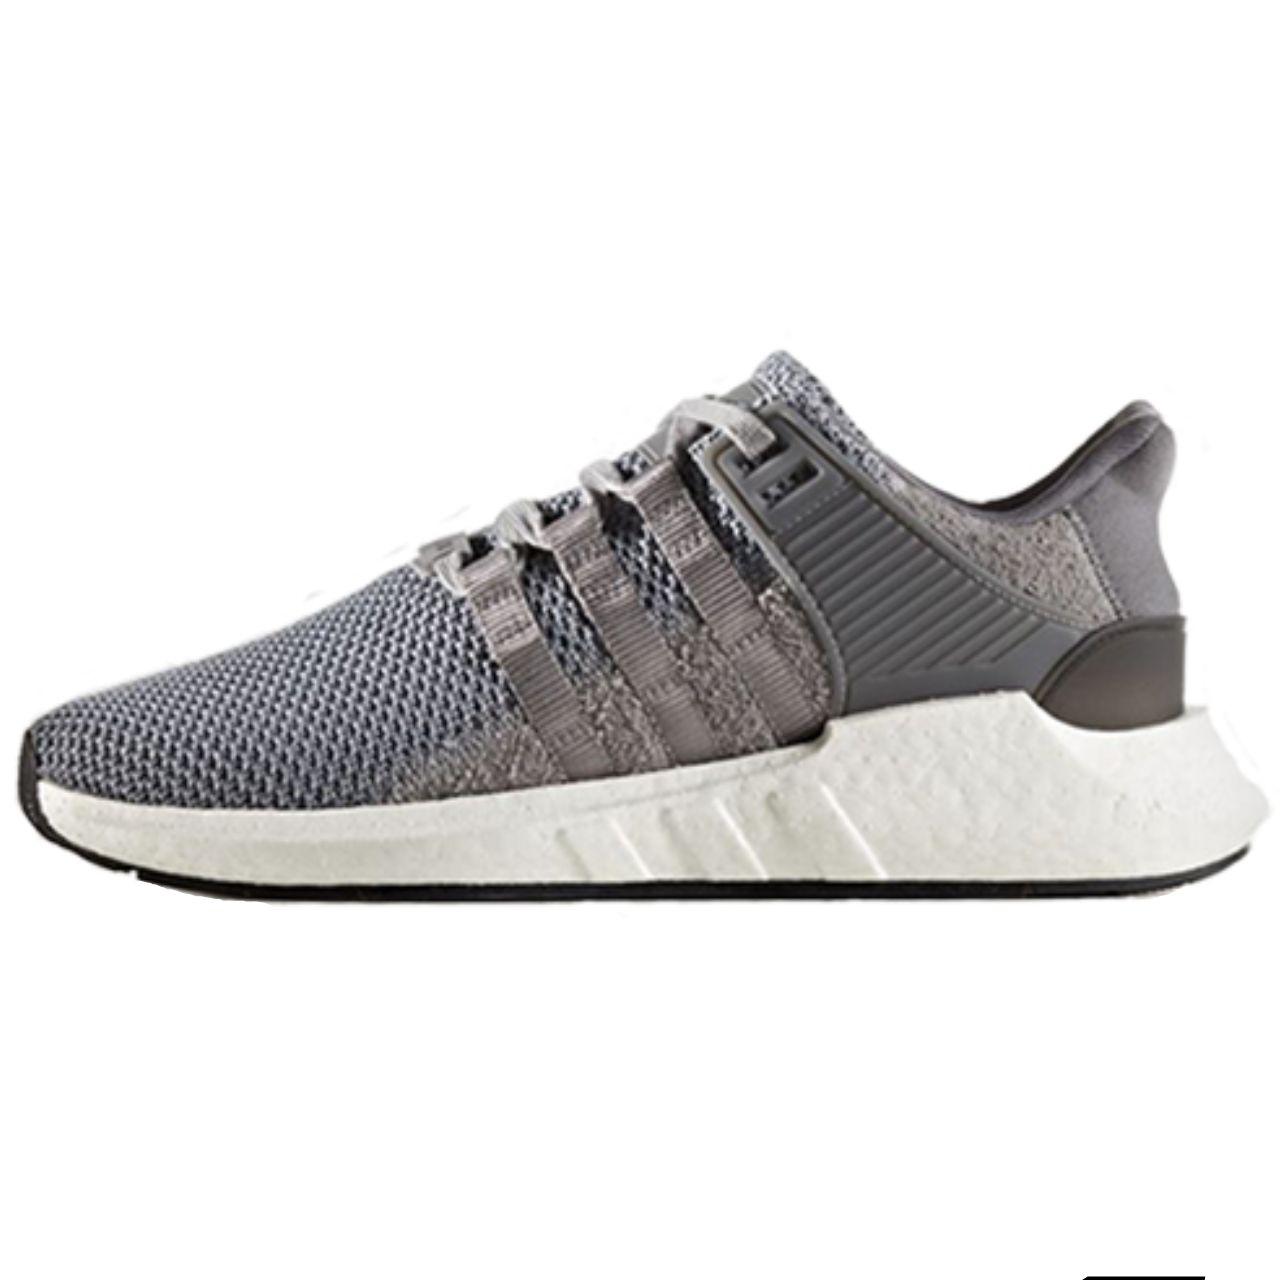 قیمت کفش مخصوص دویدن مردانه آدیداس مدل Adidas EQT Support 93/17 Shoes BY9511